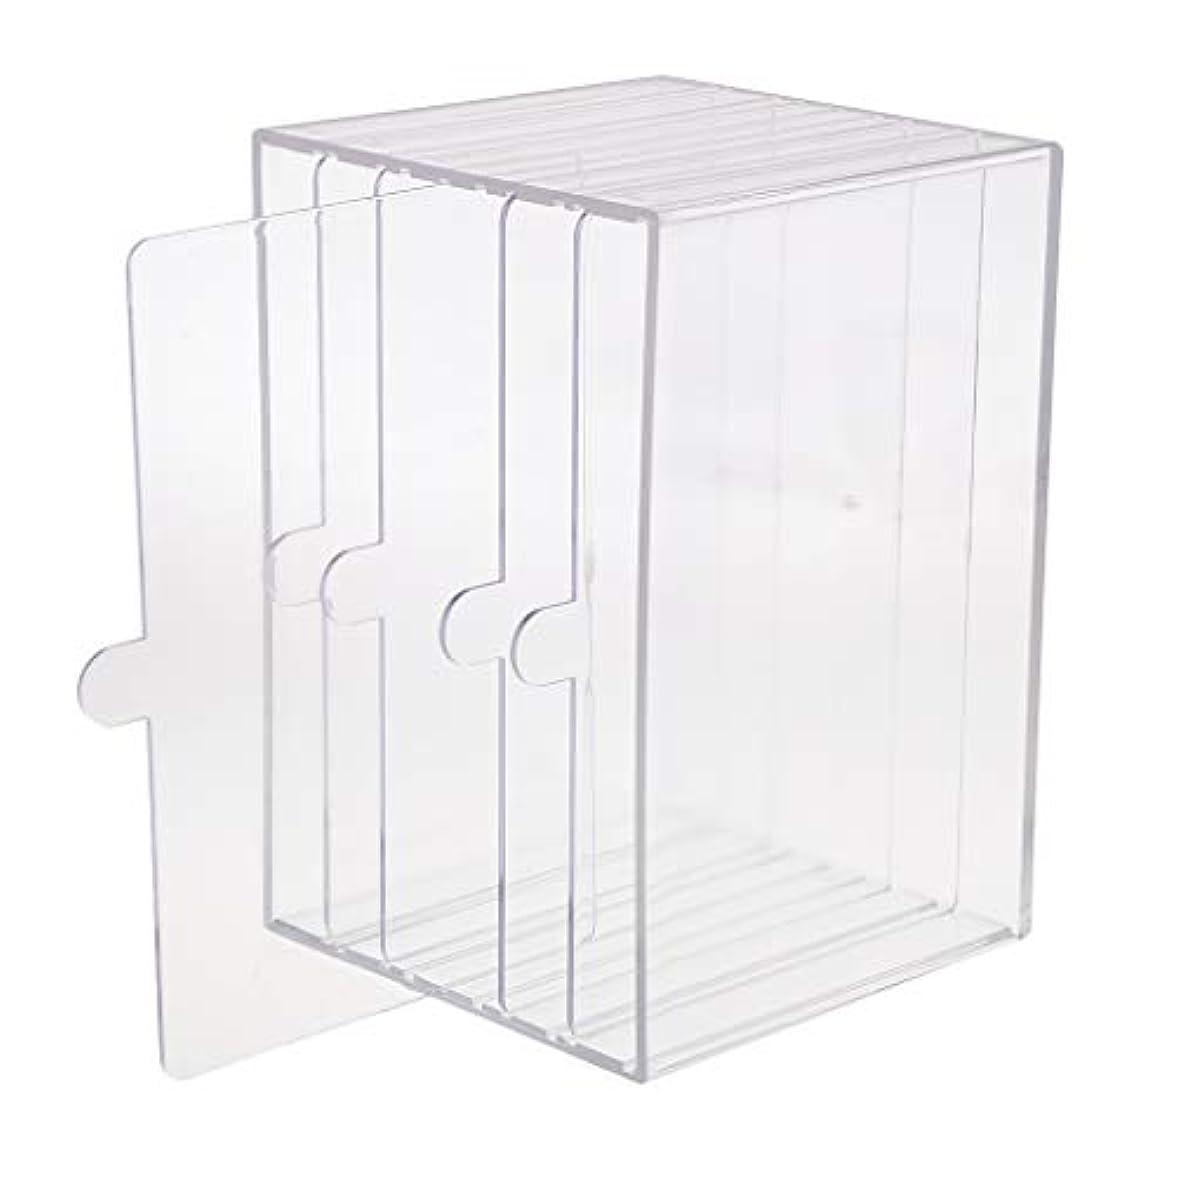 回るスクラップスクラップブックchiwanji ネイルチップ ディスプレイ 収納ボックス 小物入り 収納容器 ディスプレイケース